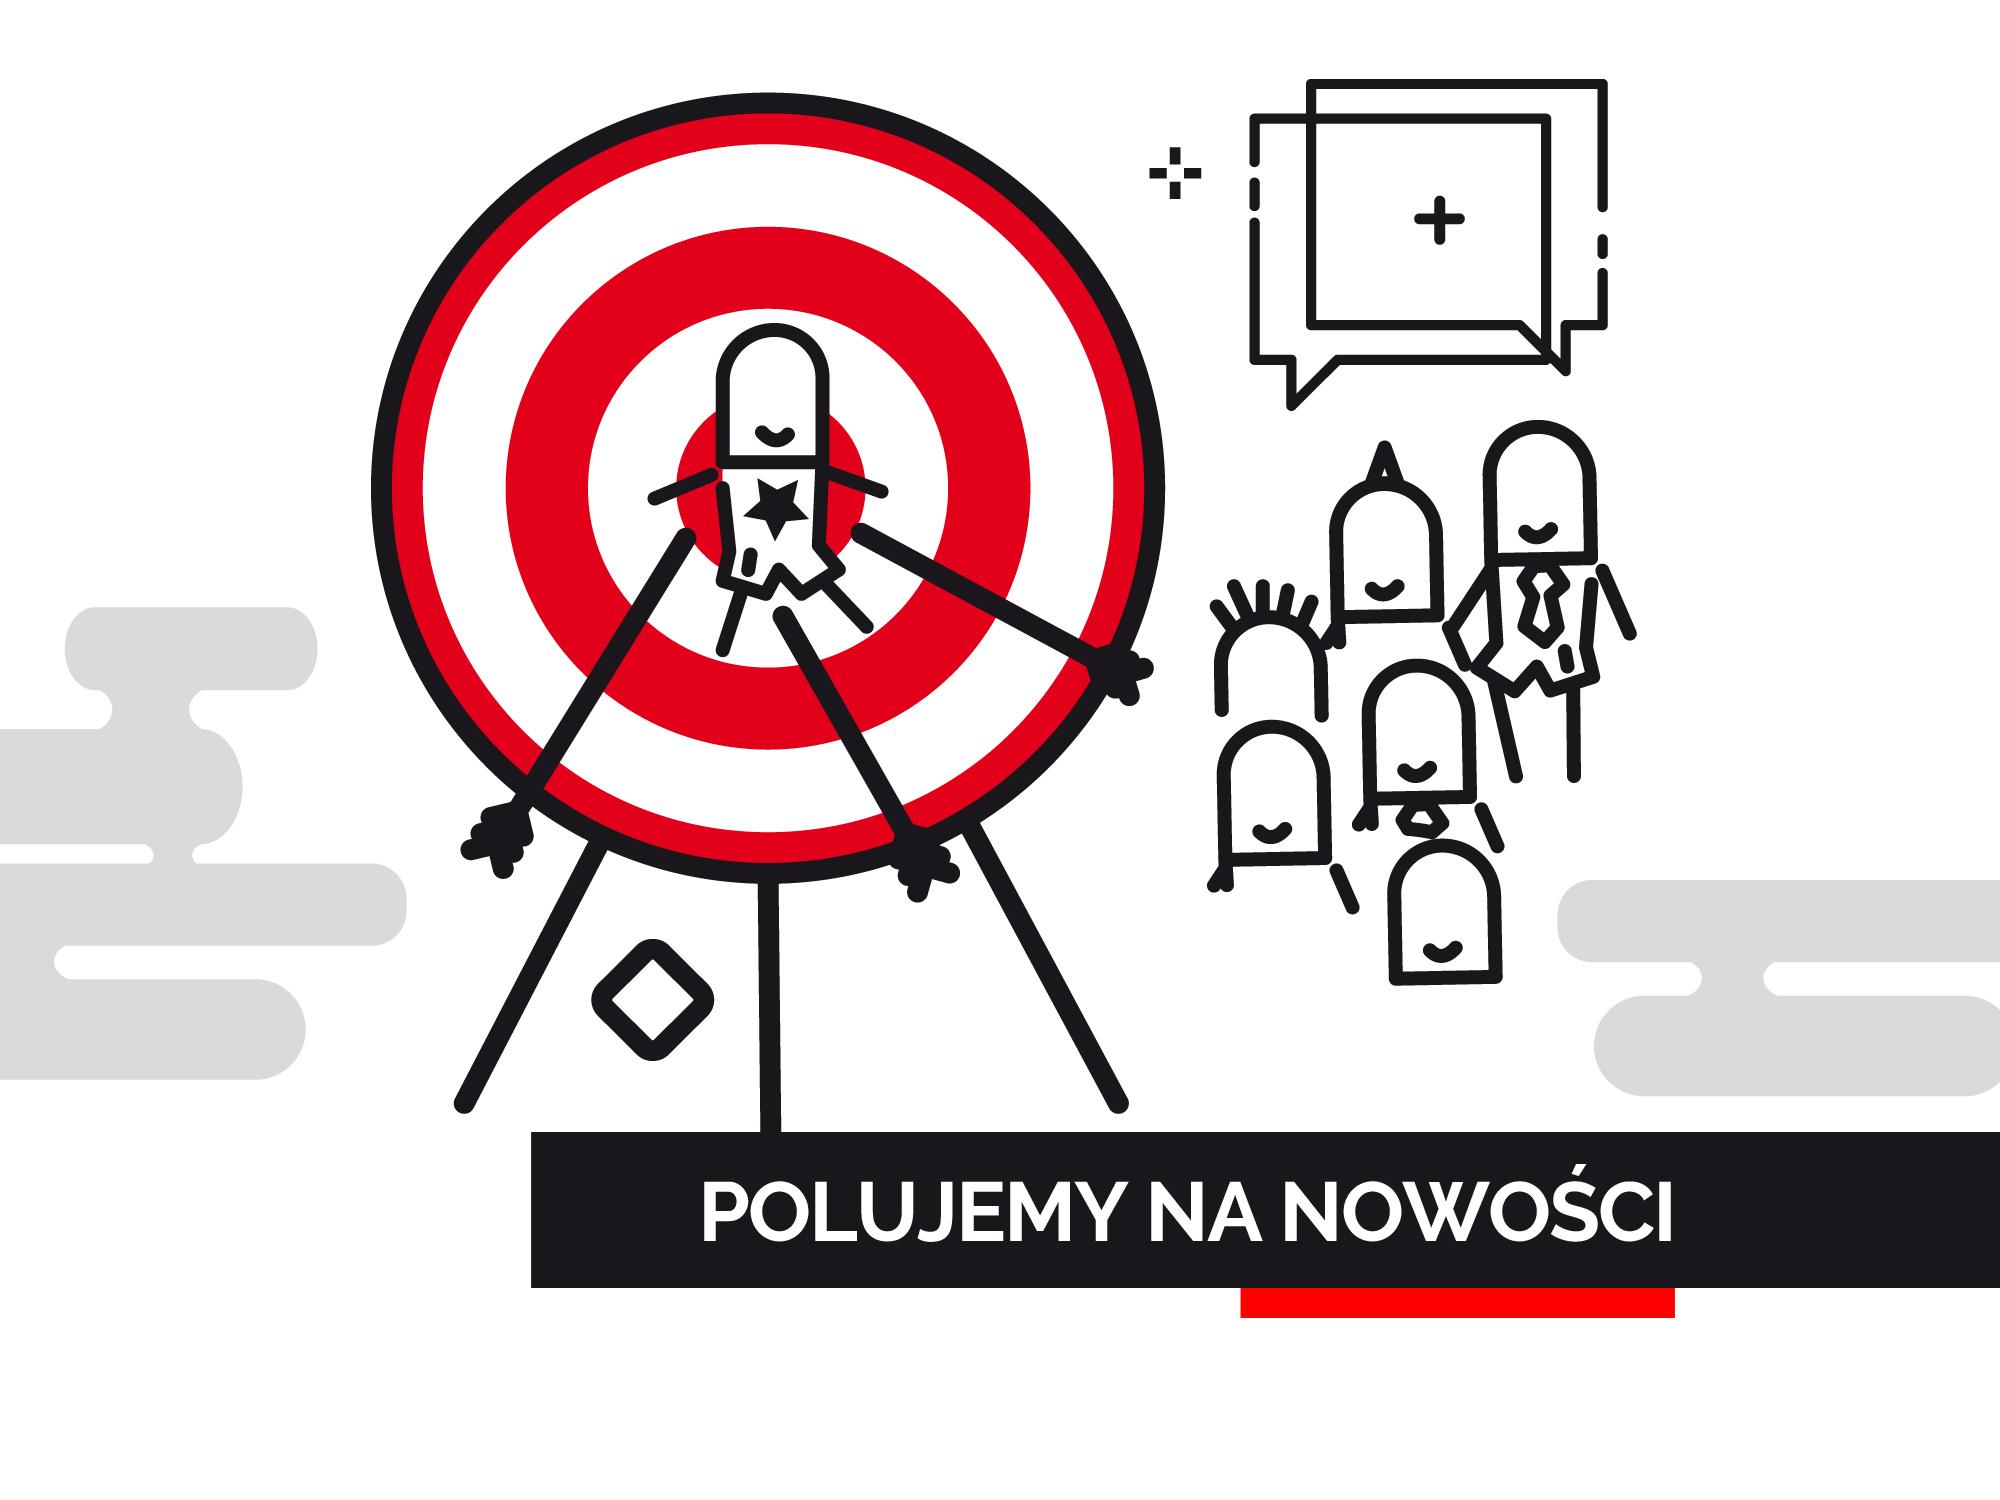 Polujemy na nowości! Międzynarodowe Targi Reklamy i Druku RemaDays Warsaw.